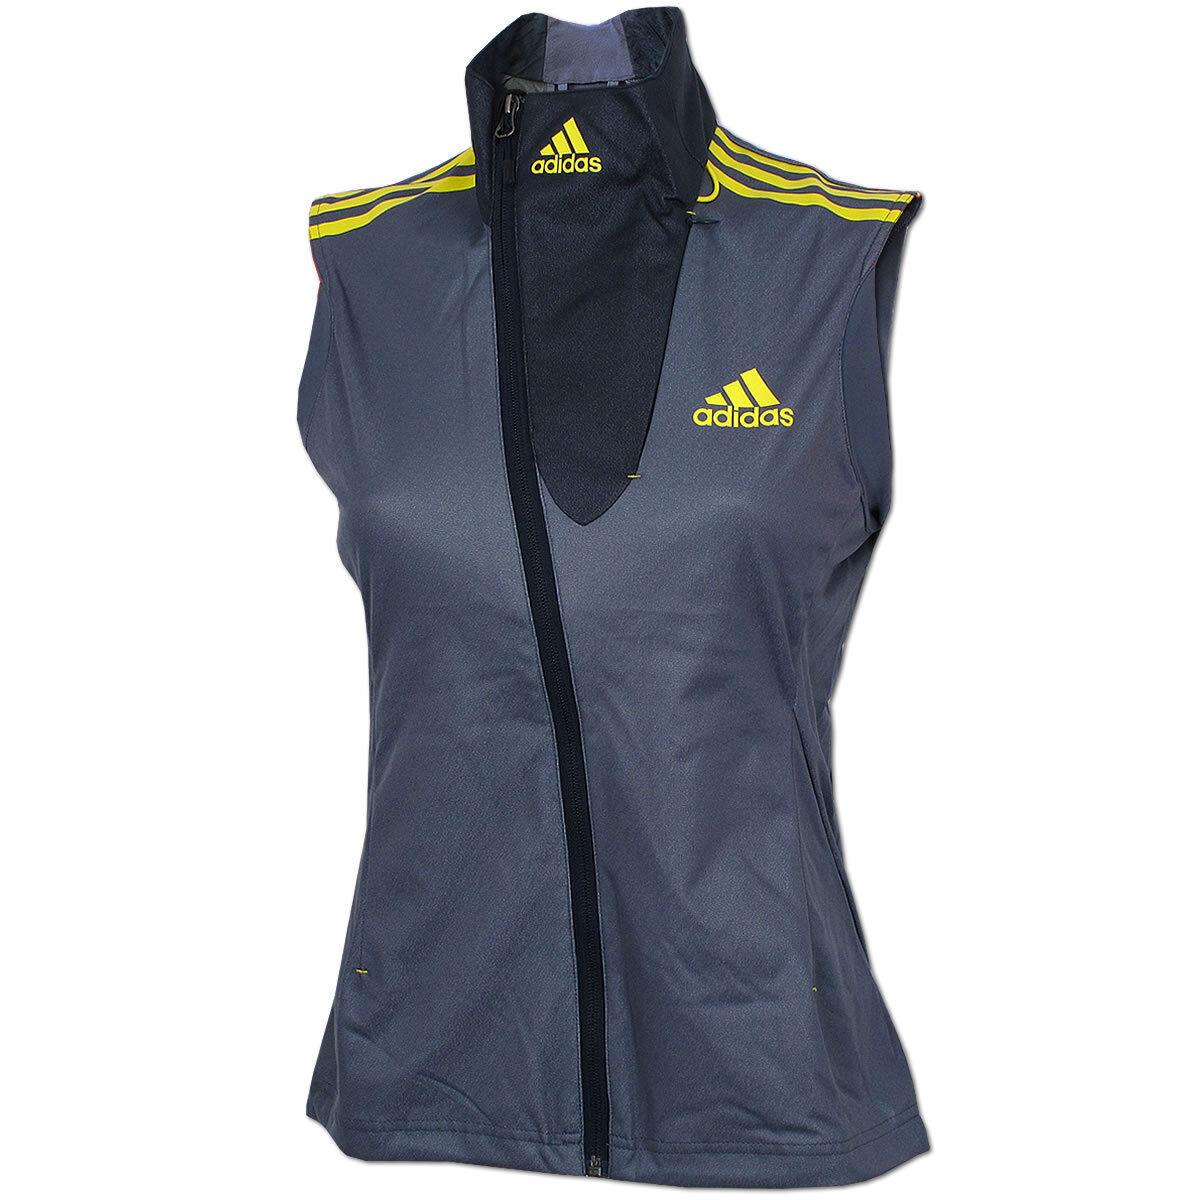 Adidas Damen Athleten Athleten Athleten Weste Outdoor DSV Langlauf Biathlon Running Wintersport ae8620